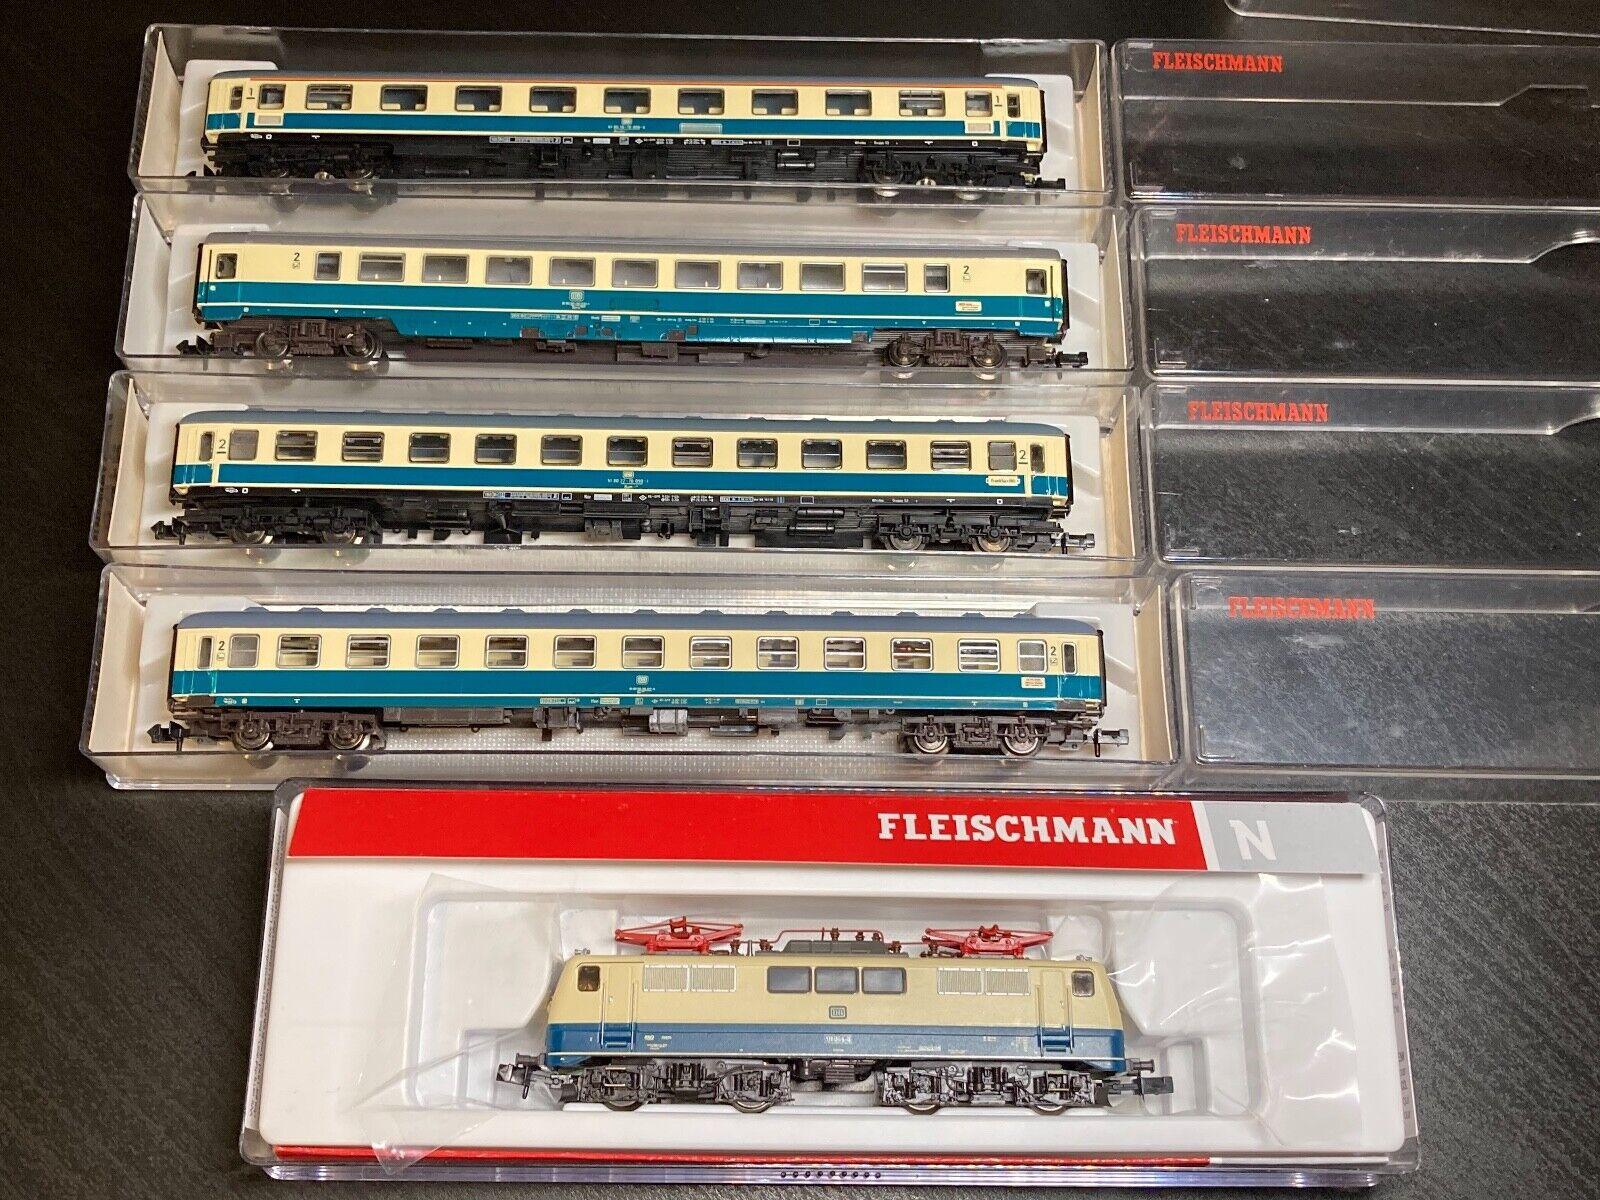 Lokaufriss VBT 48 DB 614 DBAG 614 Dreiteiliger Dieseltriebzug 1971